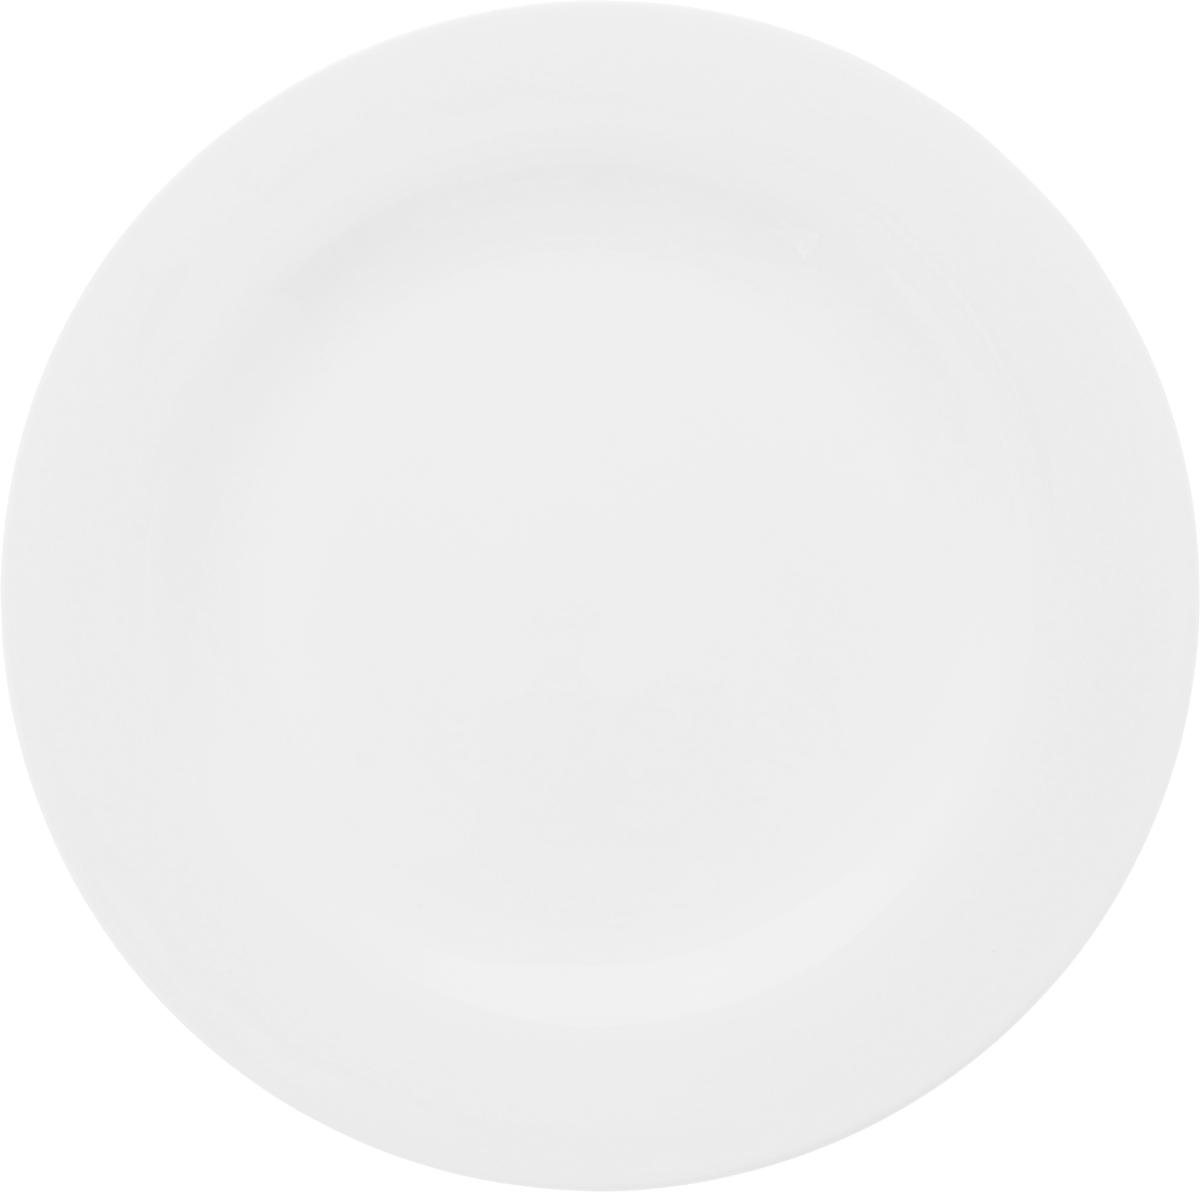 Тарелка обеденная Luminarc Evolution Peps, диаметр 25 см63373Тарелка обеденная Luminarc Evolution Peps выполнена из высококачественного стекла. Тарелка прекрасно оформит стол и станет его неизменным атрибутом. Можно использовать в микроволновой печи и мыть в посудомоечной машине.